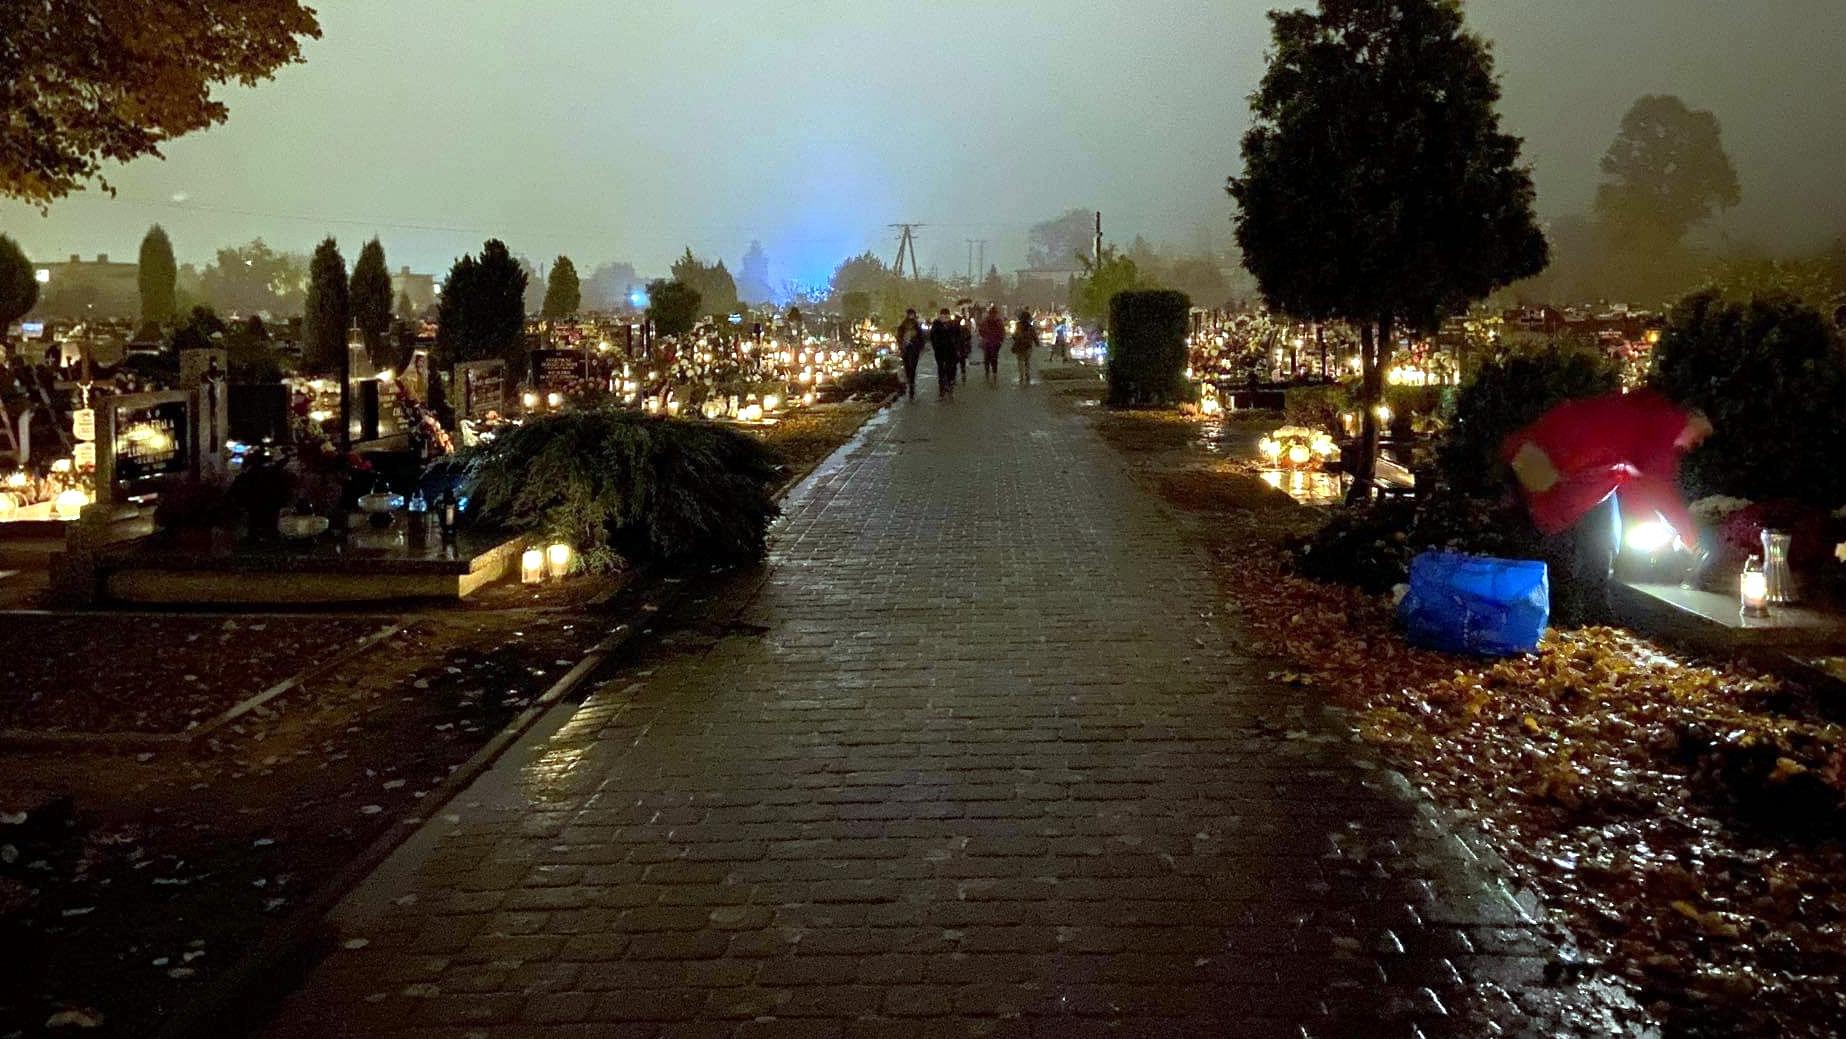 1 listopada zamkną cmentarze? Minister zdrowia odpowiada - Zdjęcie główne